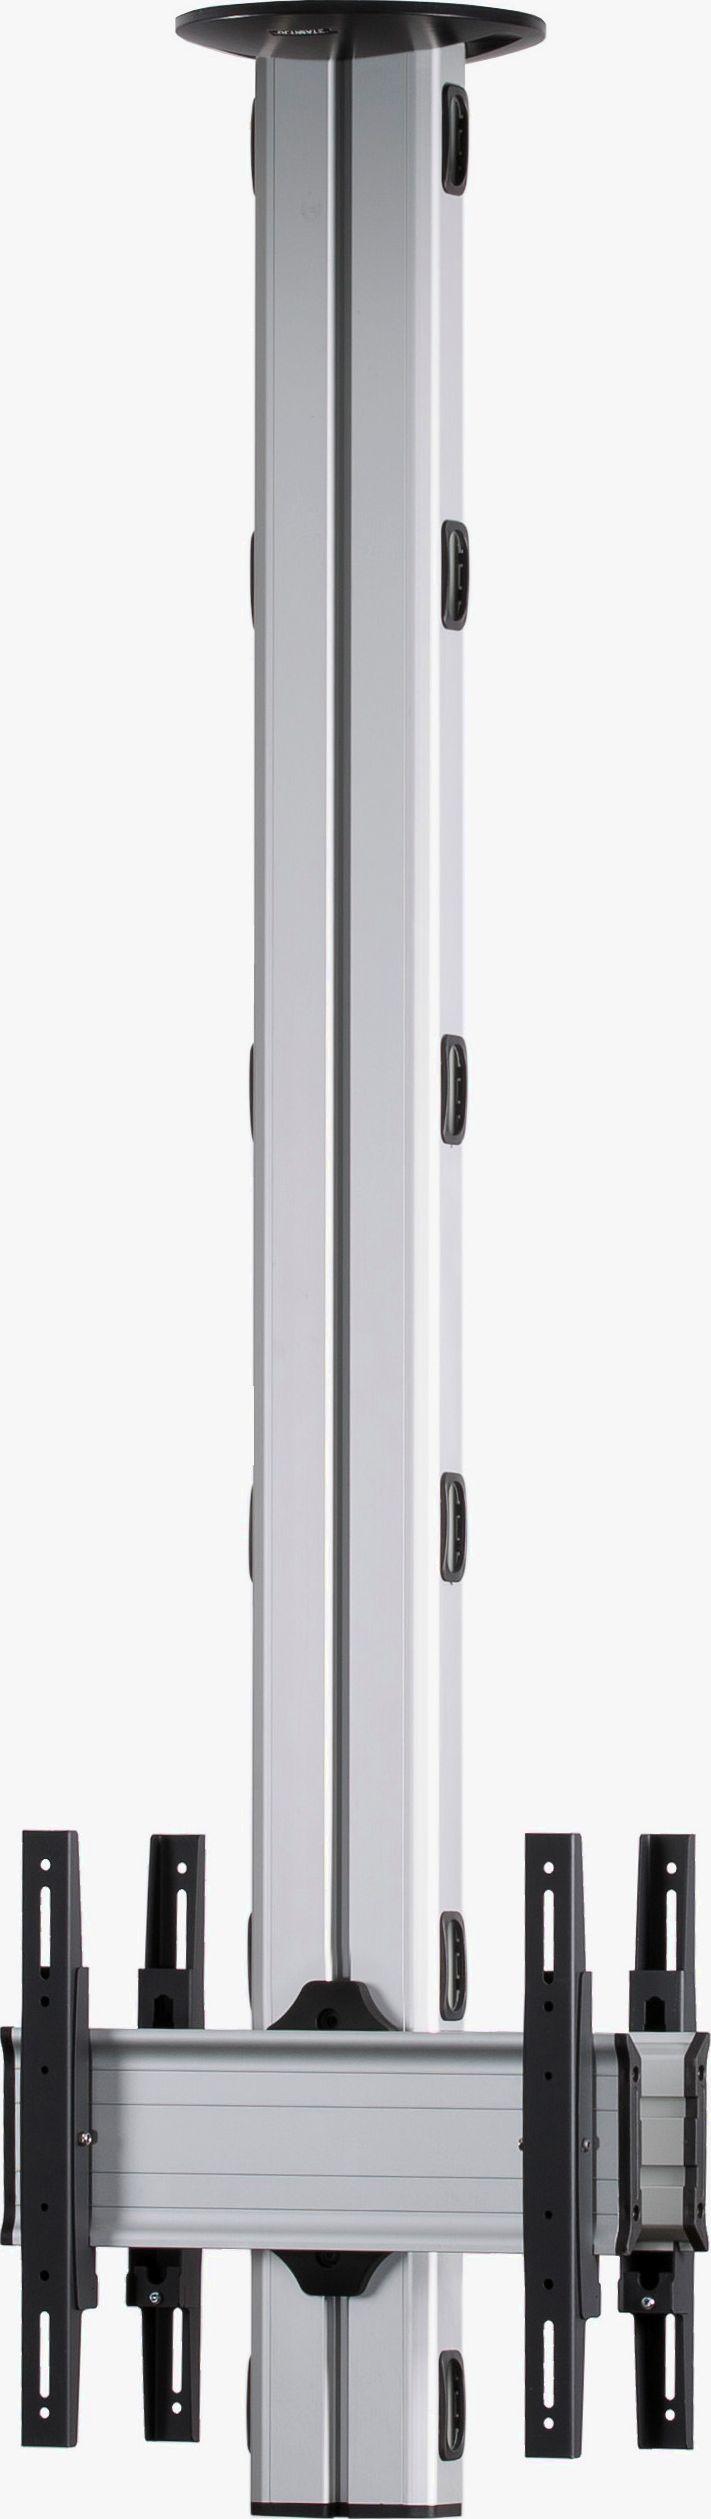 2 Displays 1x1 beidseitig, Höhe 180 cm, Standard-VESA, zur Deckenbefestigung